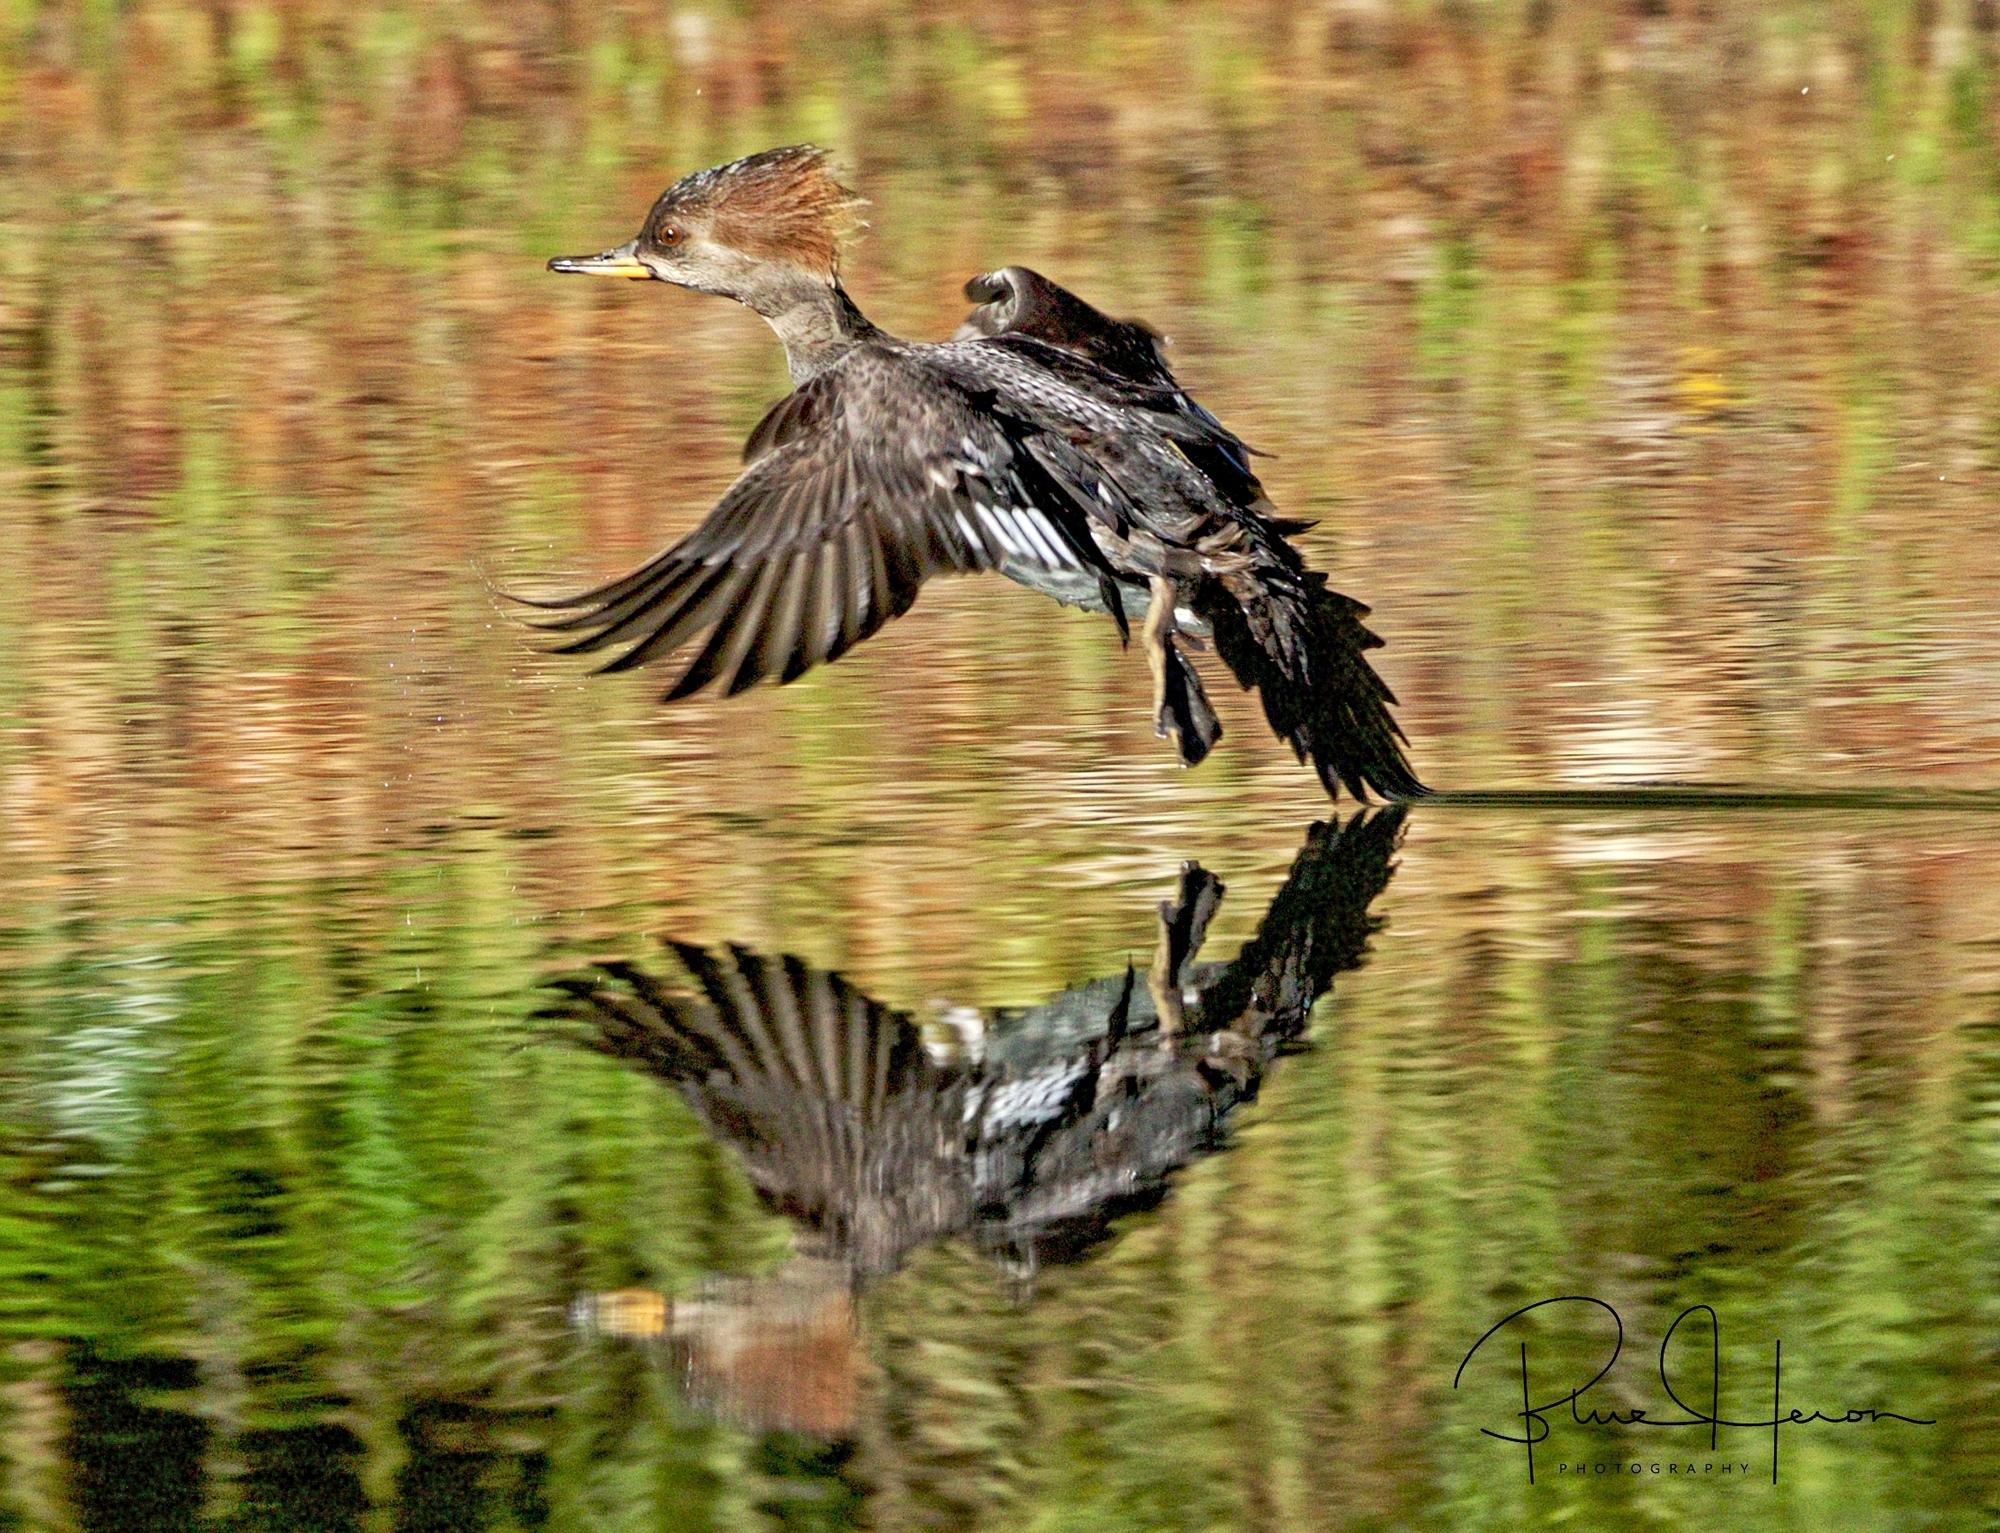 Hooded Merganser female, another diving duck, landing